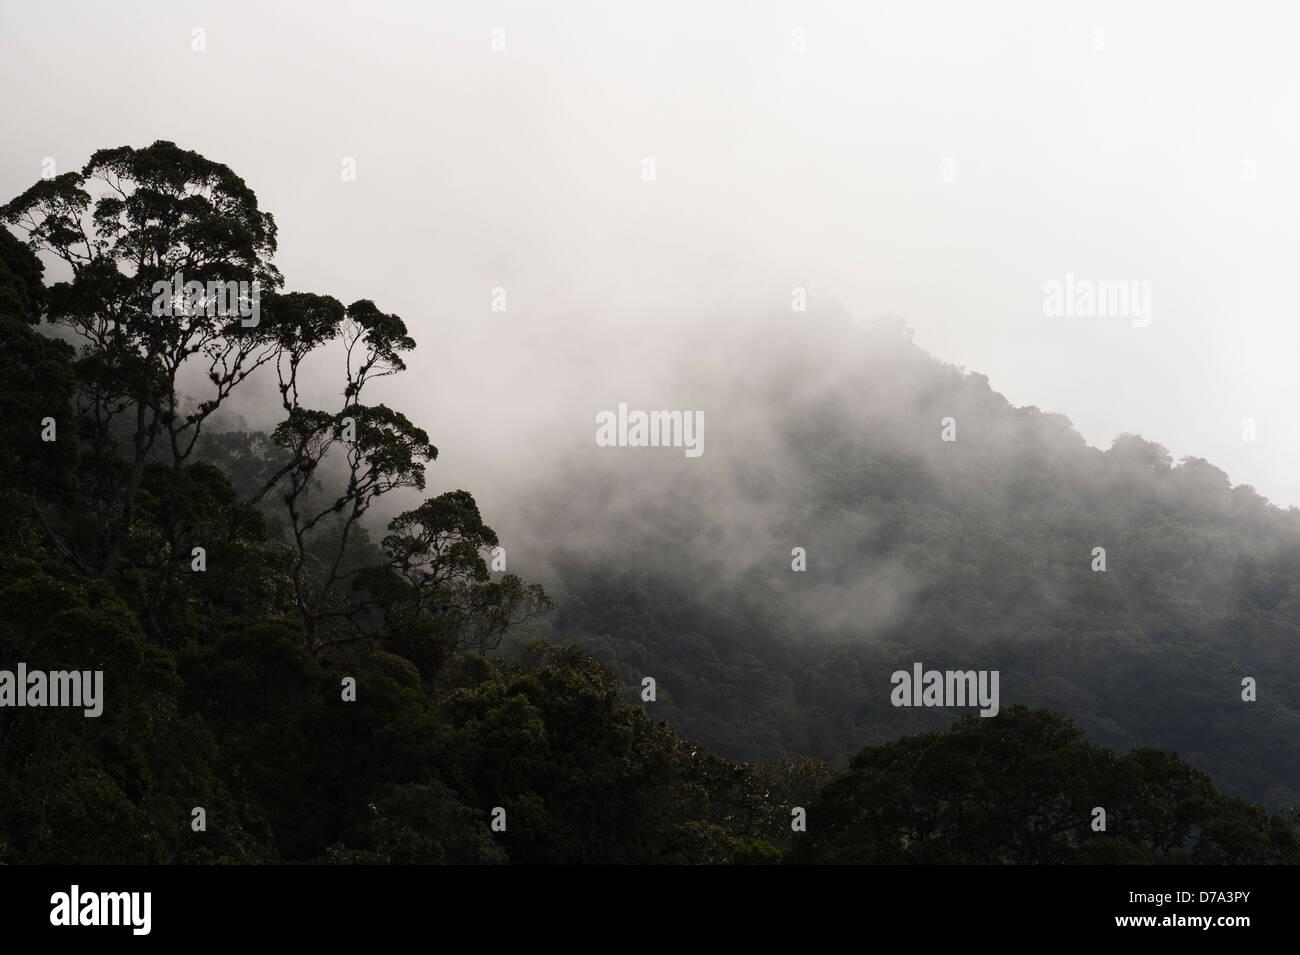 Colombia - Misty rain forest en la Sierra Nevada de Santa Marta Imagen De Stock